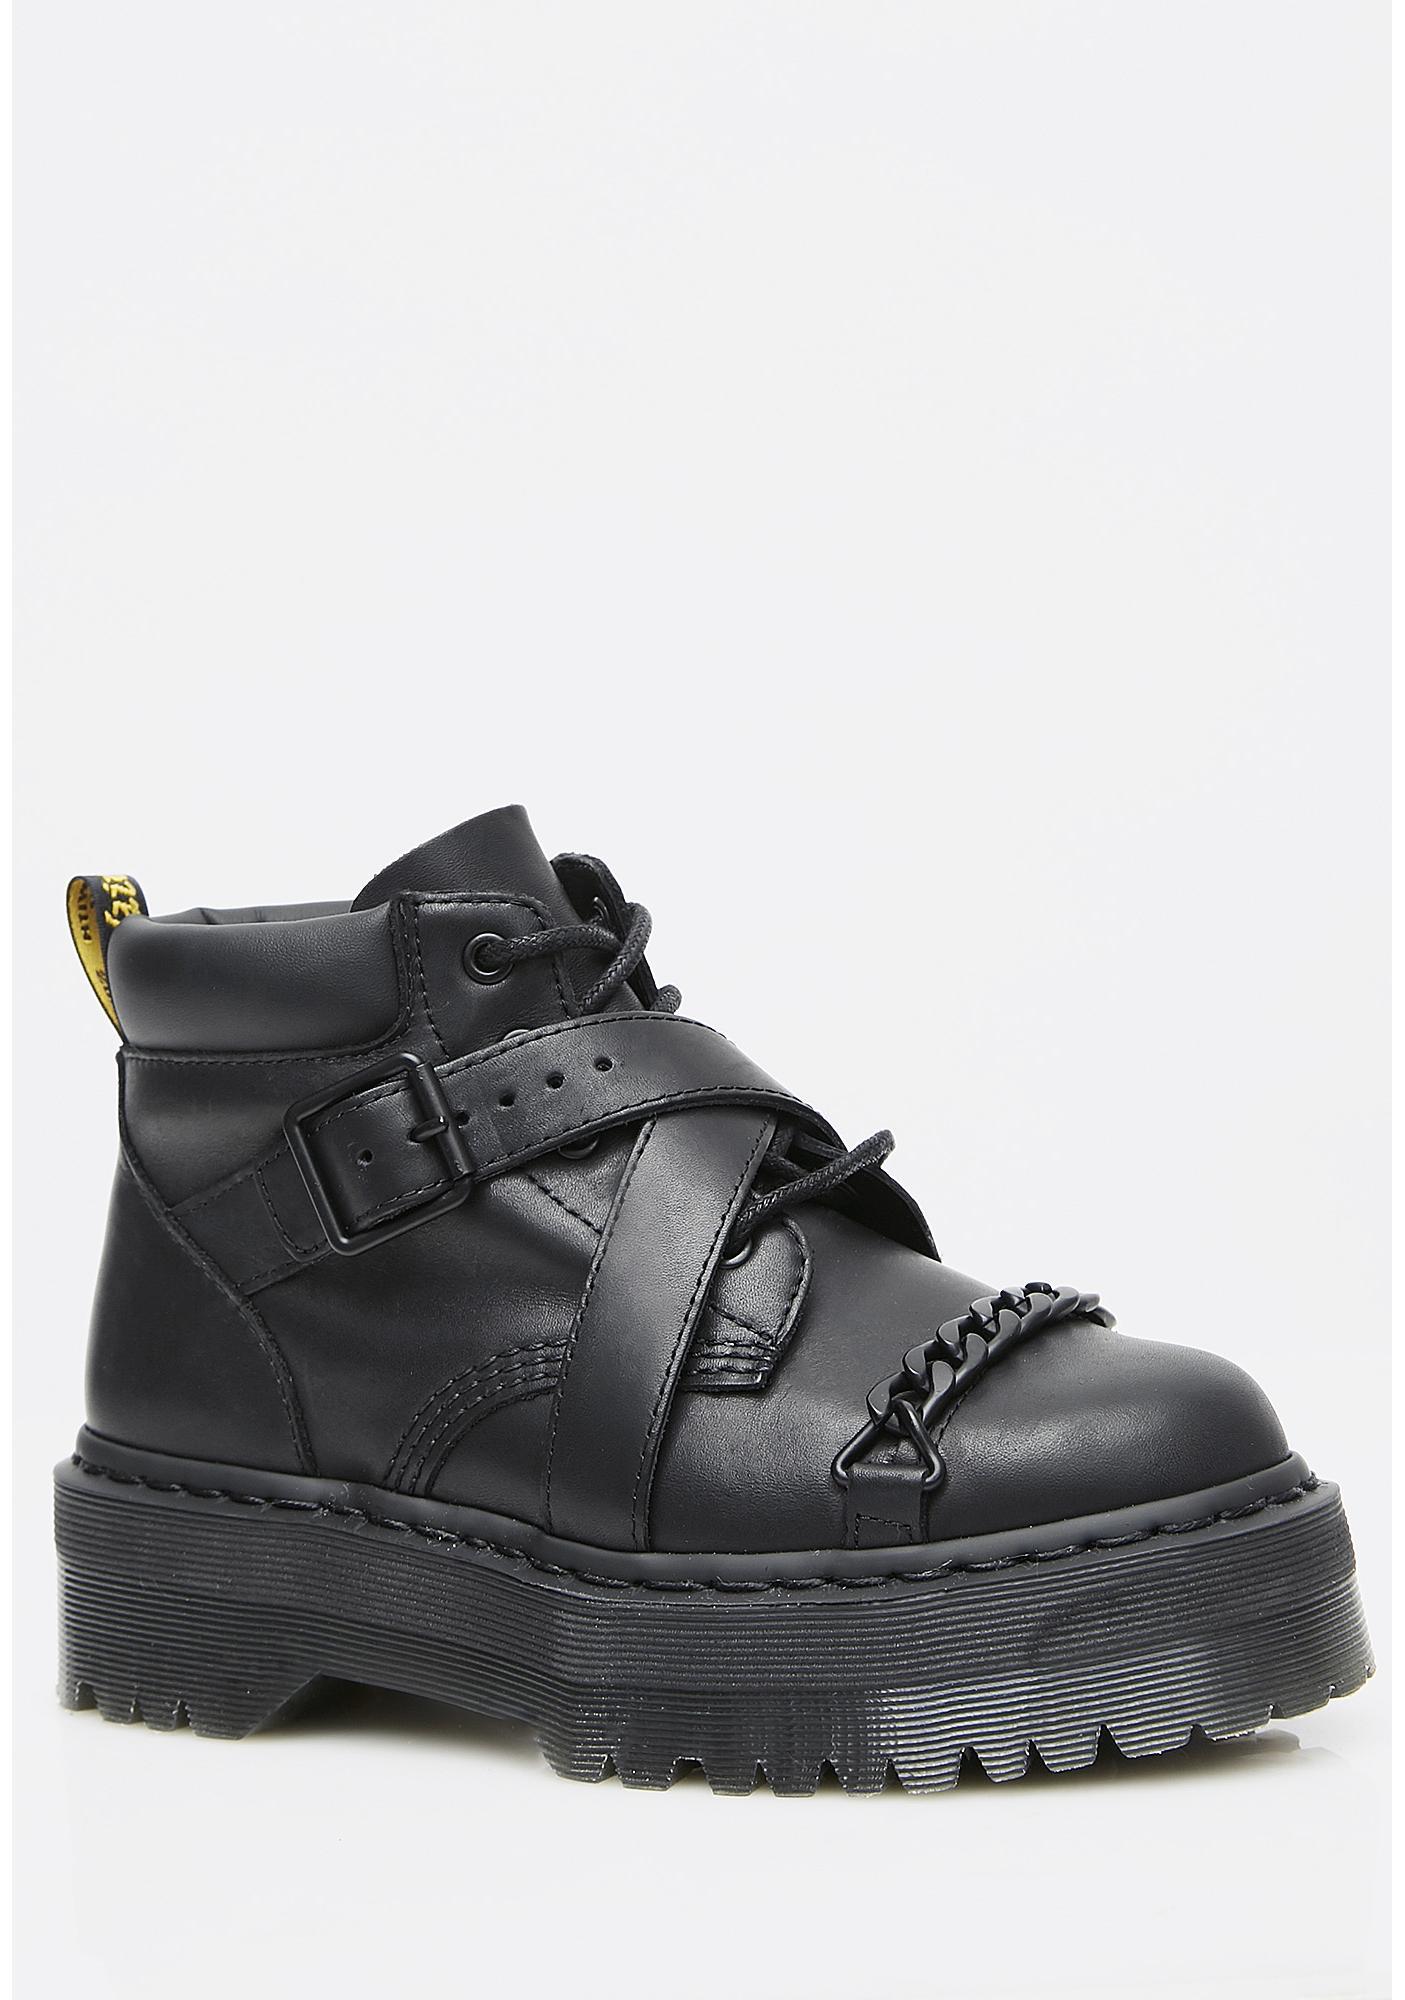 Dr. Martens Beaumann Boots